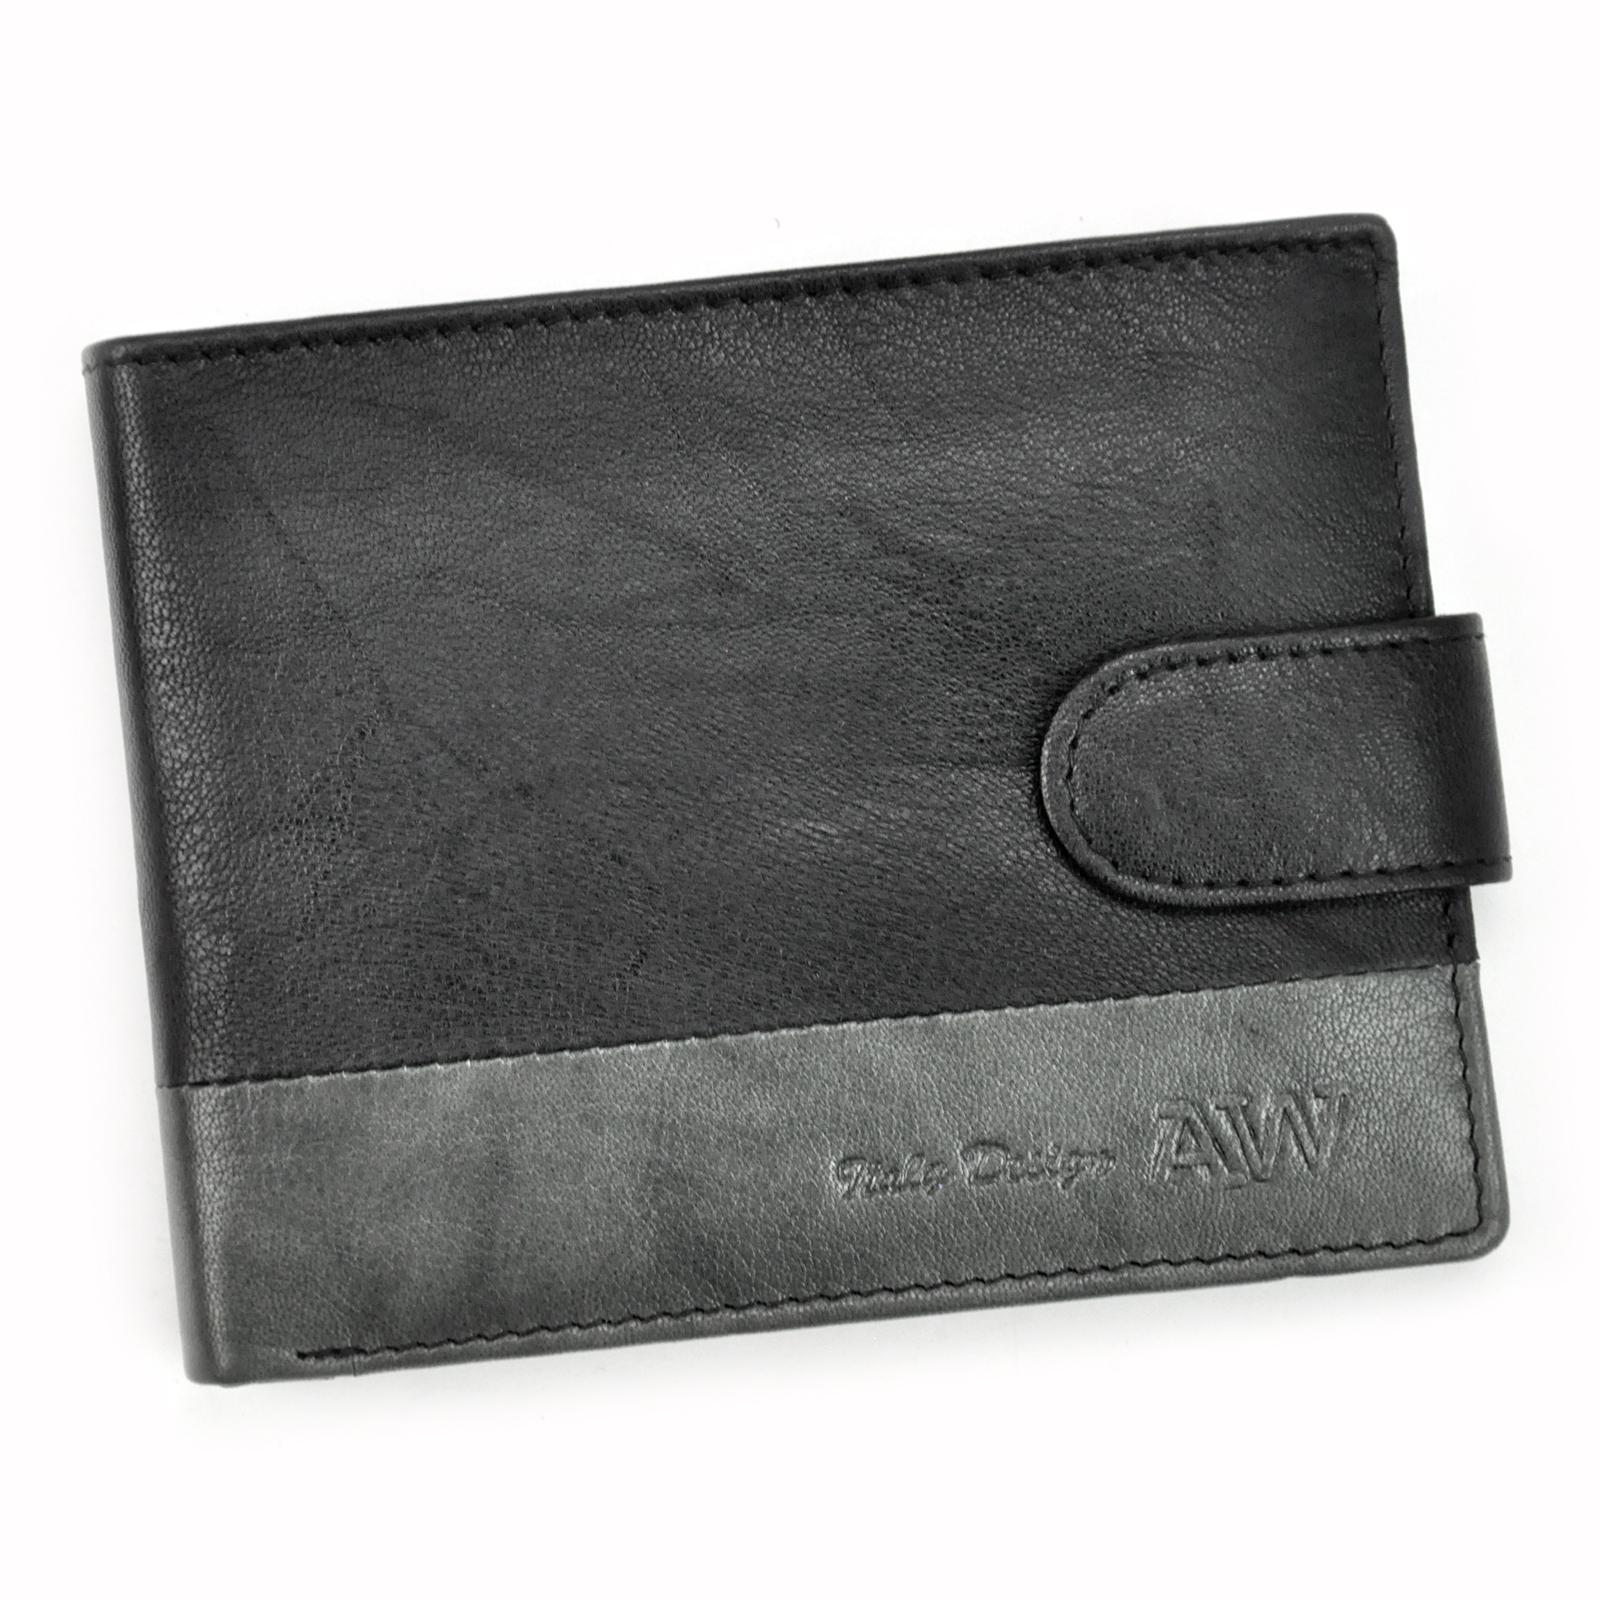 Praktická pánska peňaženka.